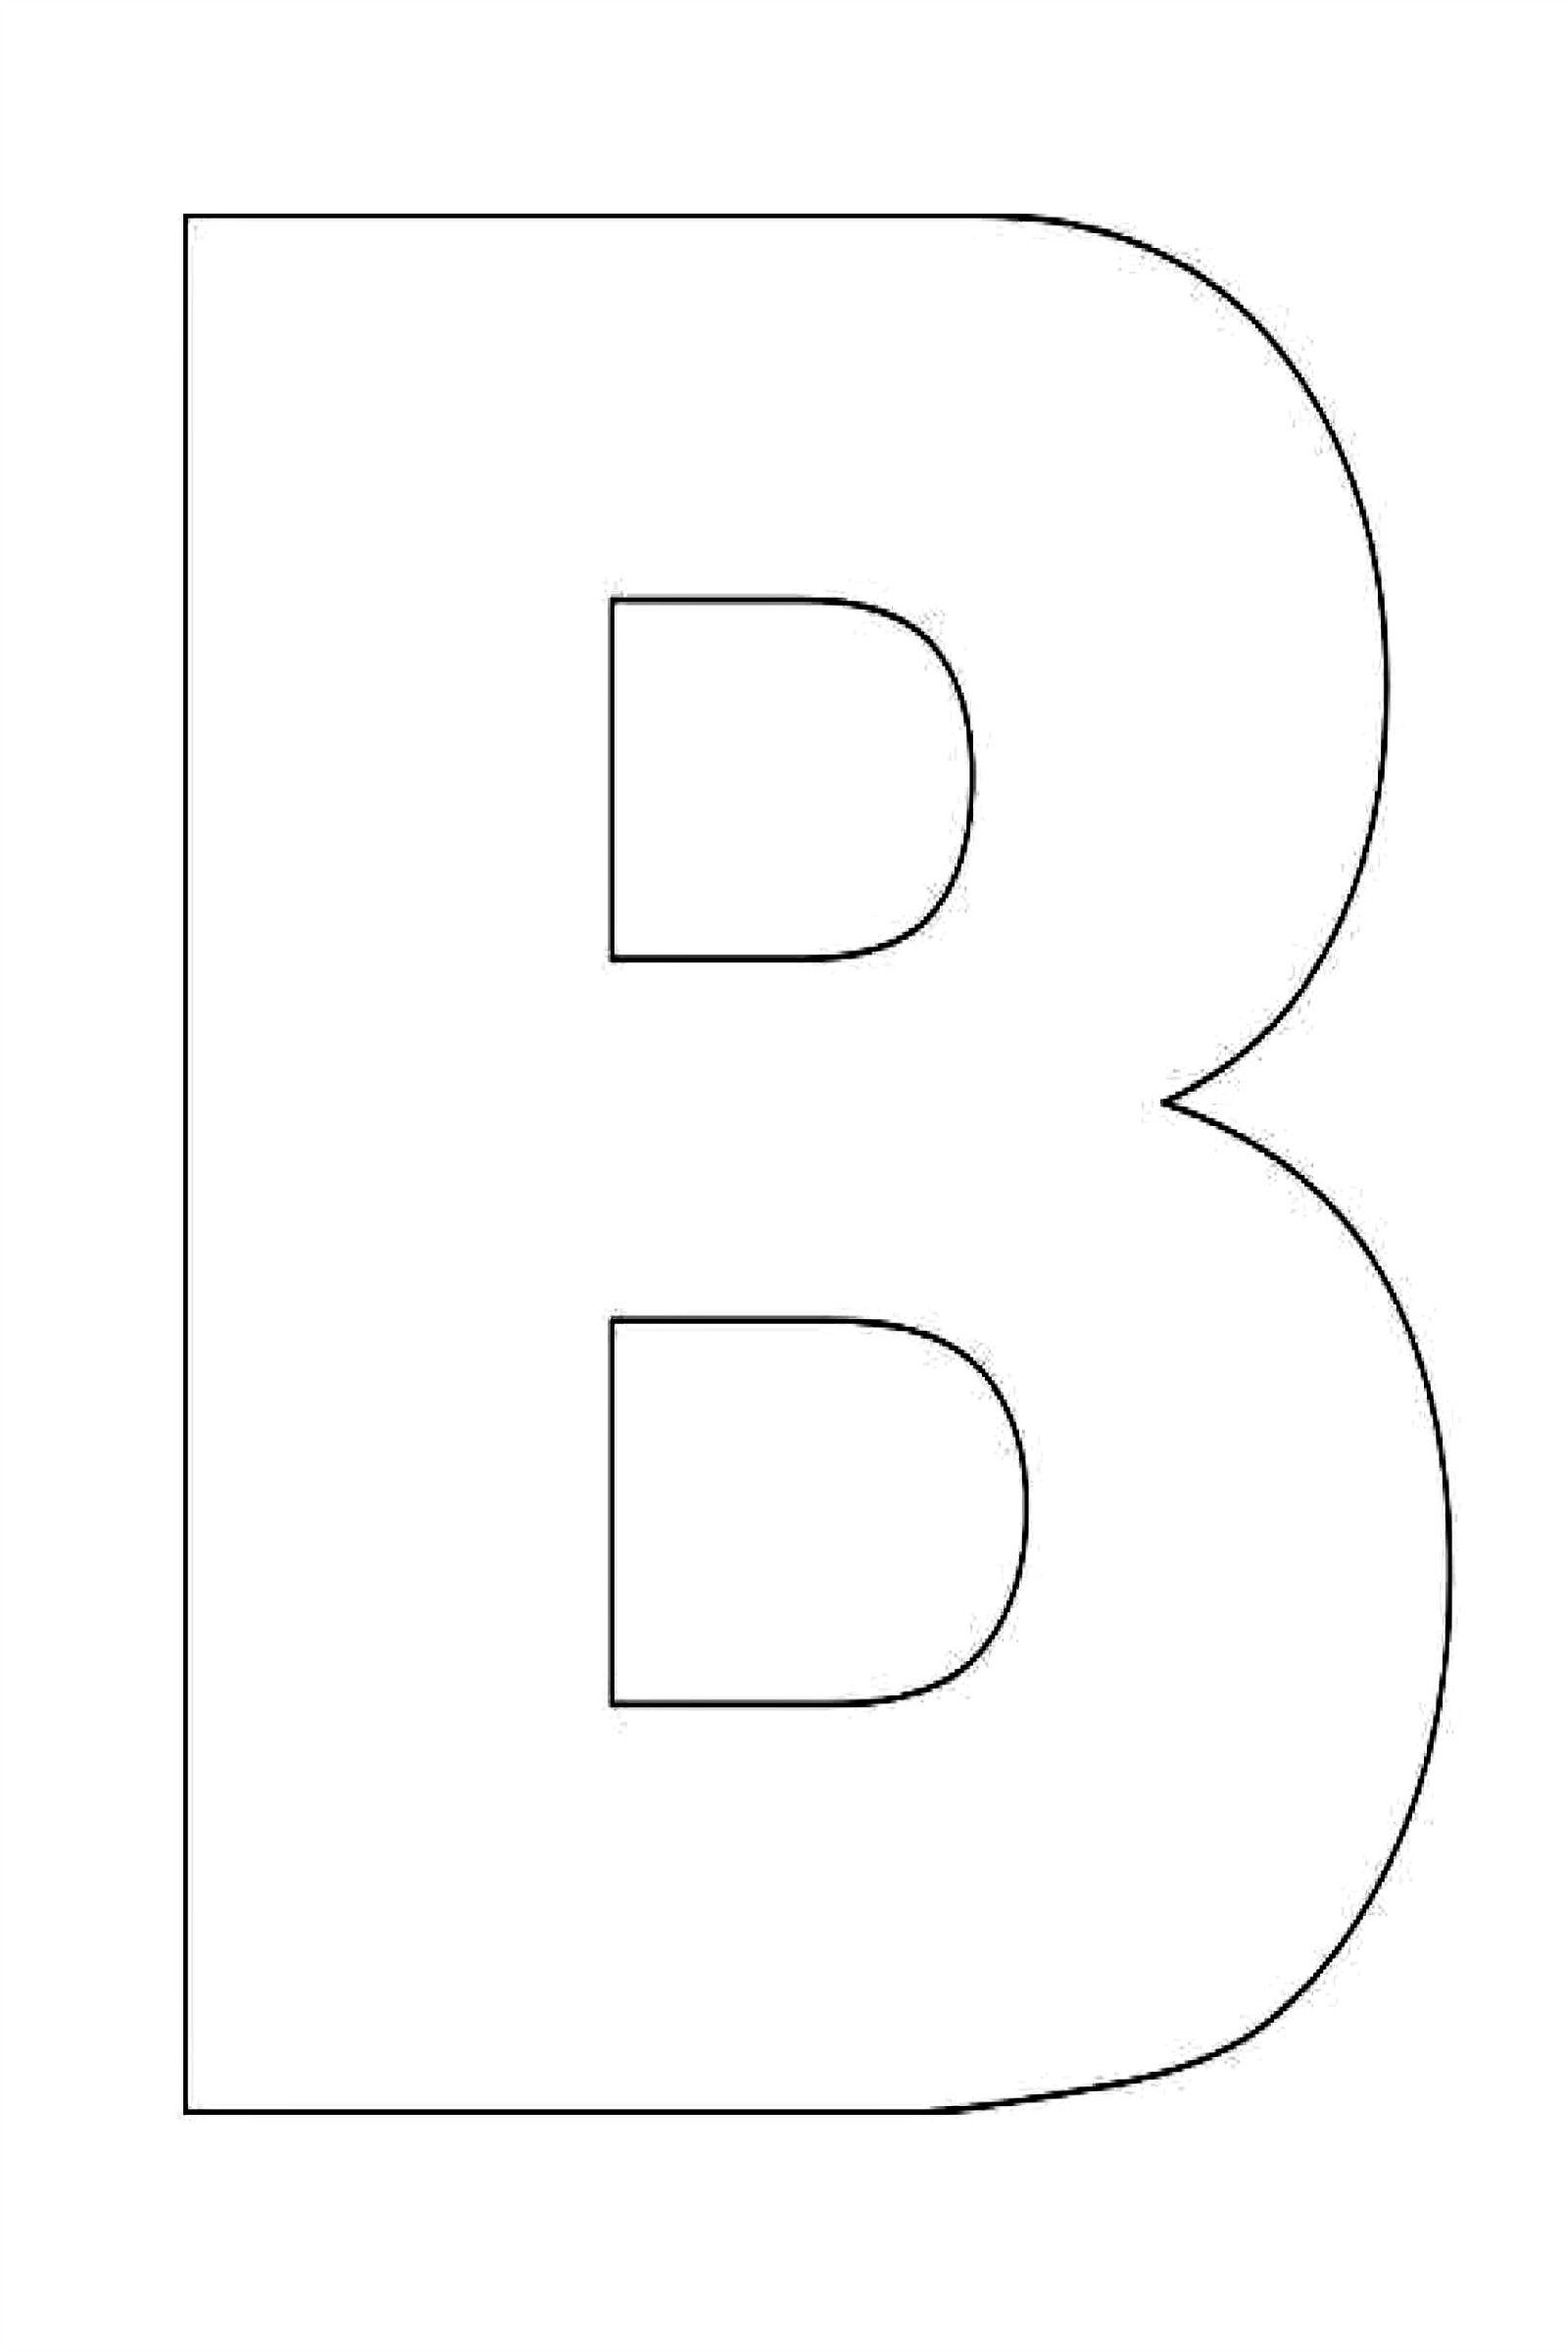 Alphabet Letter B Template For Kids | 000 Teaching 2/3 Class